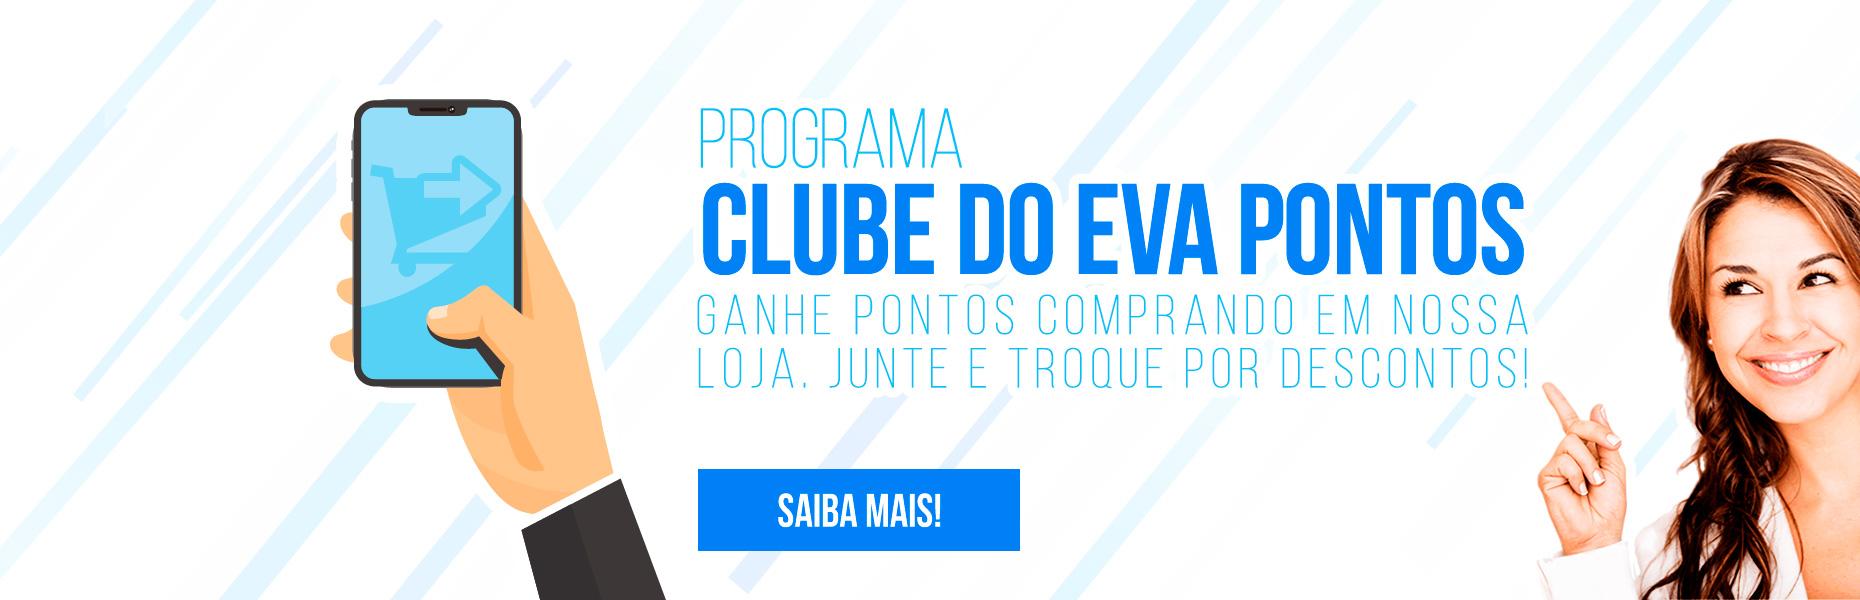 Clube do EVA Pontos - Compre - Acumule Pontos - Receba Descontos